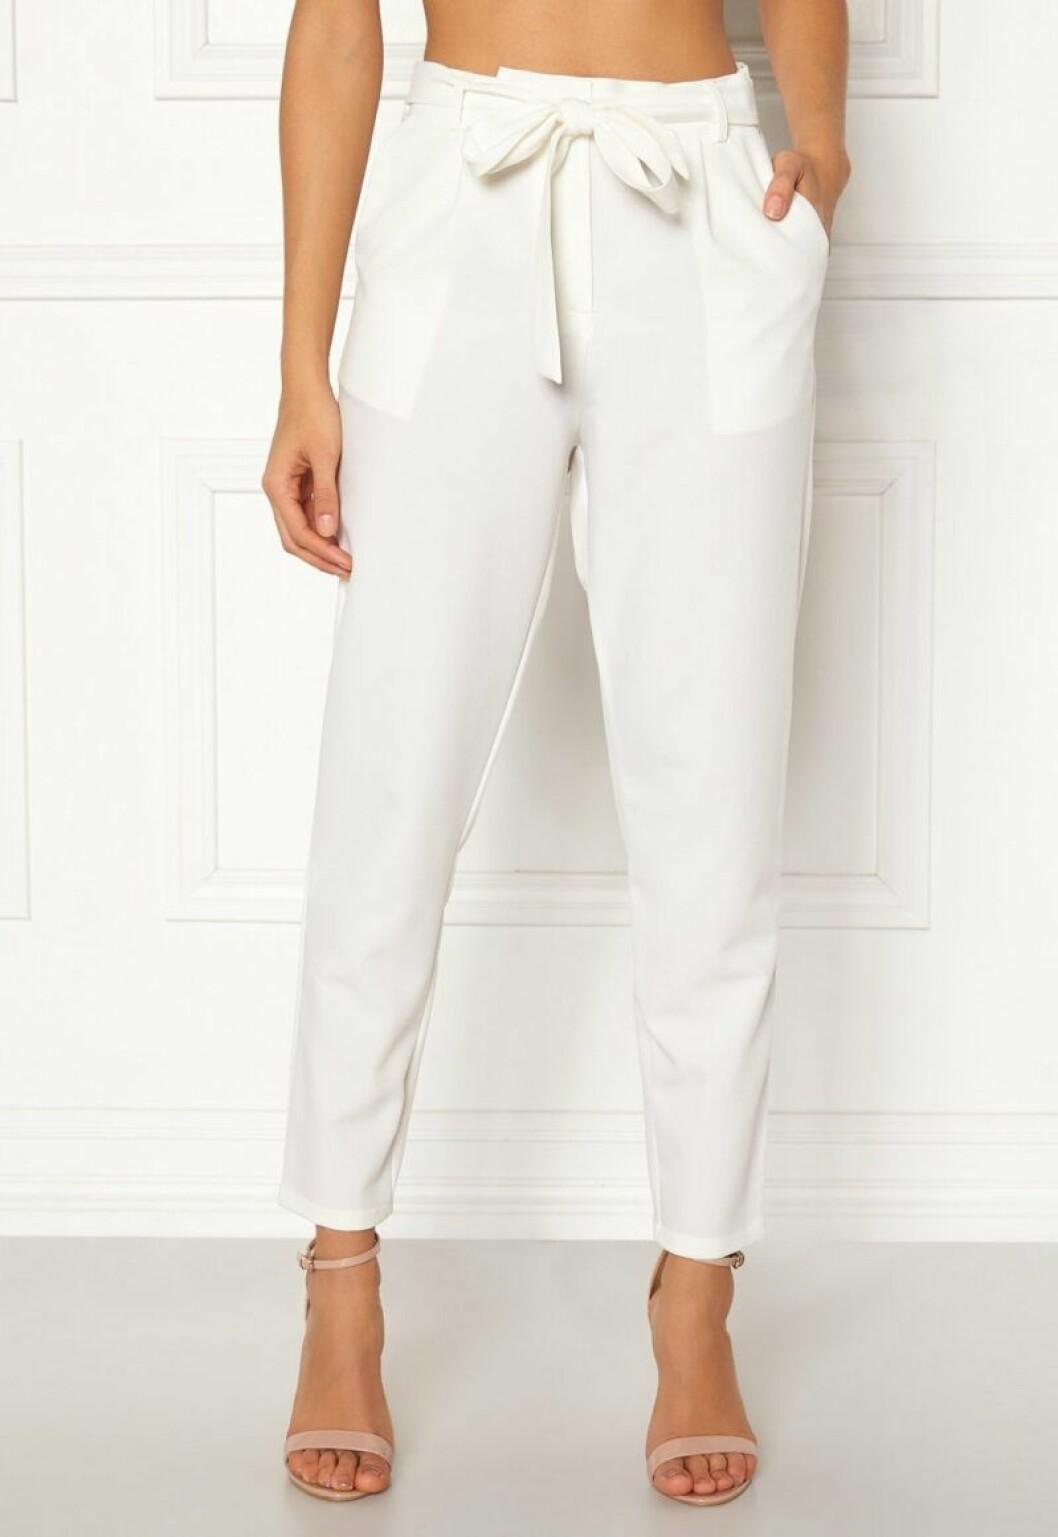 Vita byxor med skärp i midjan